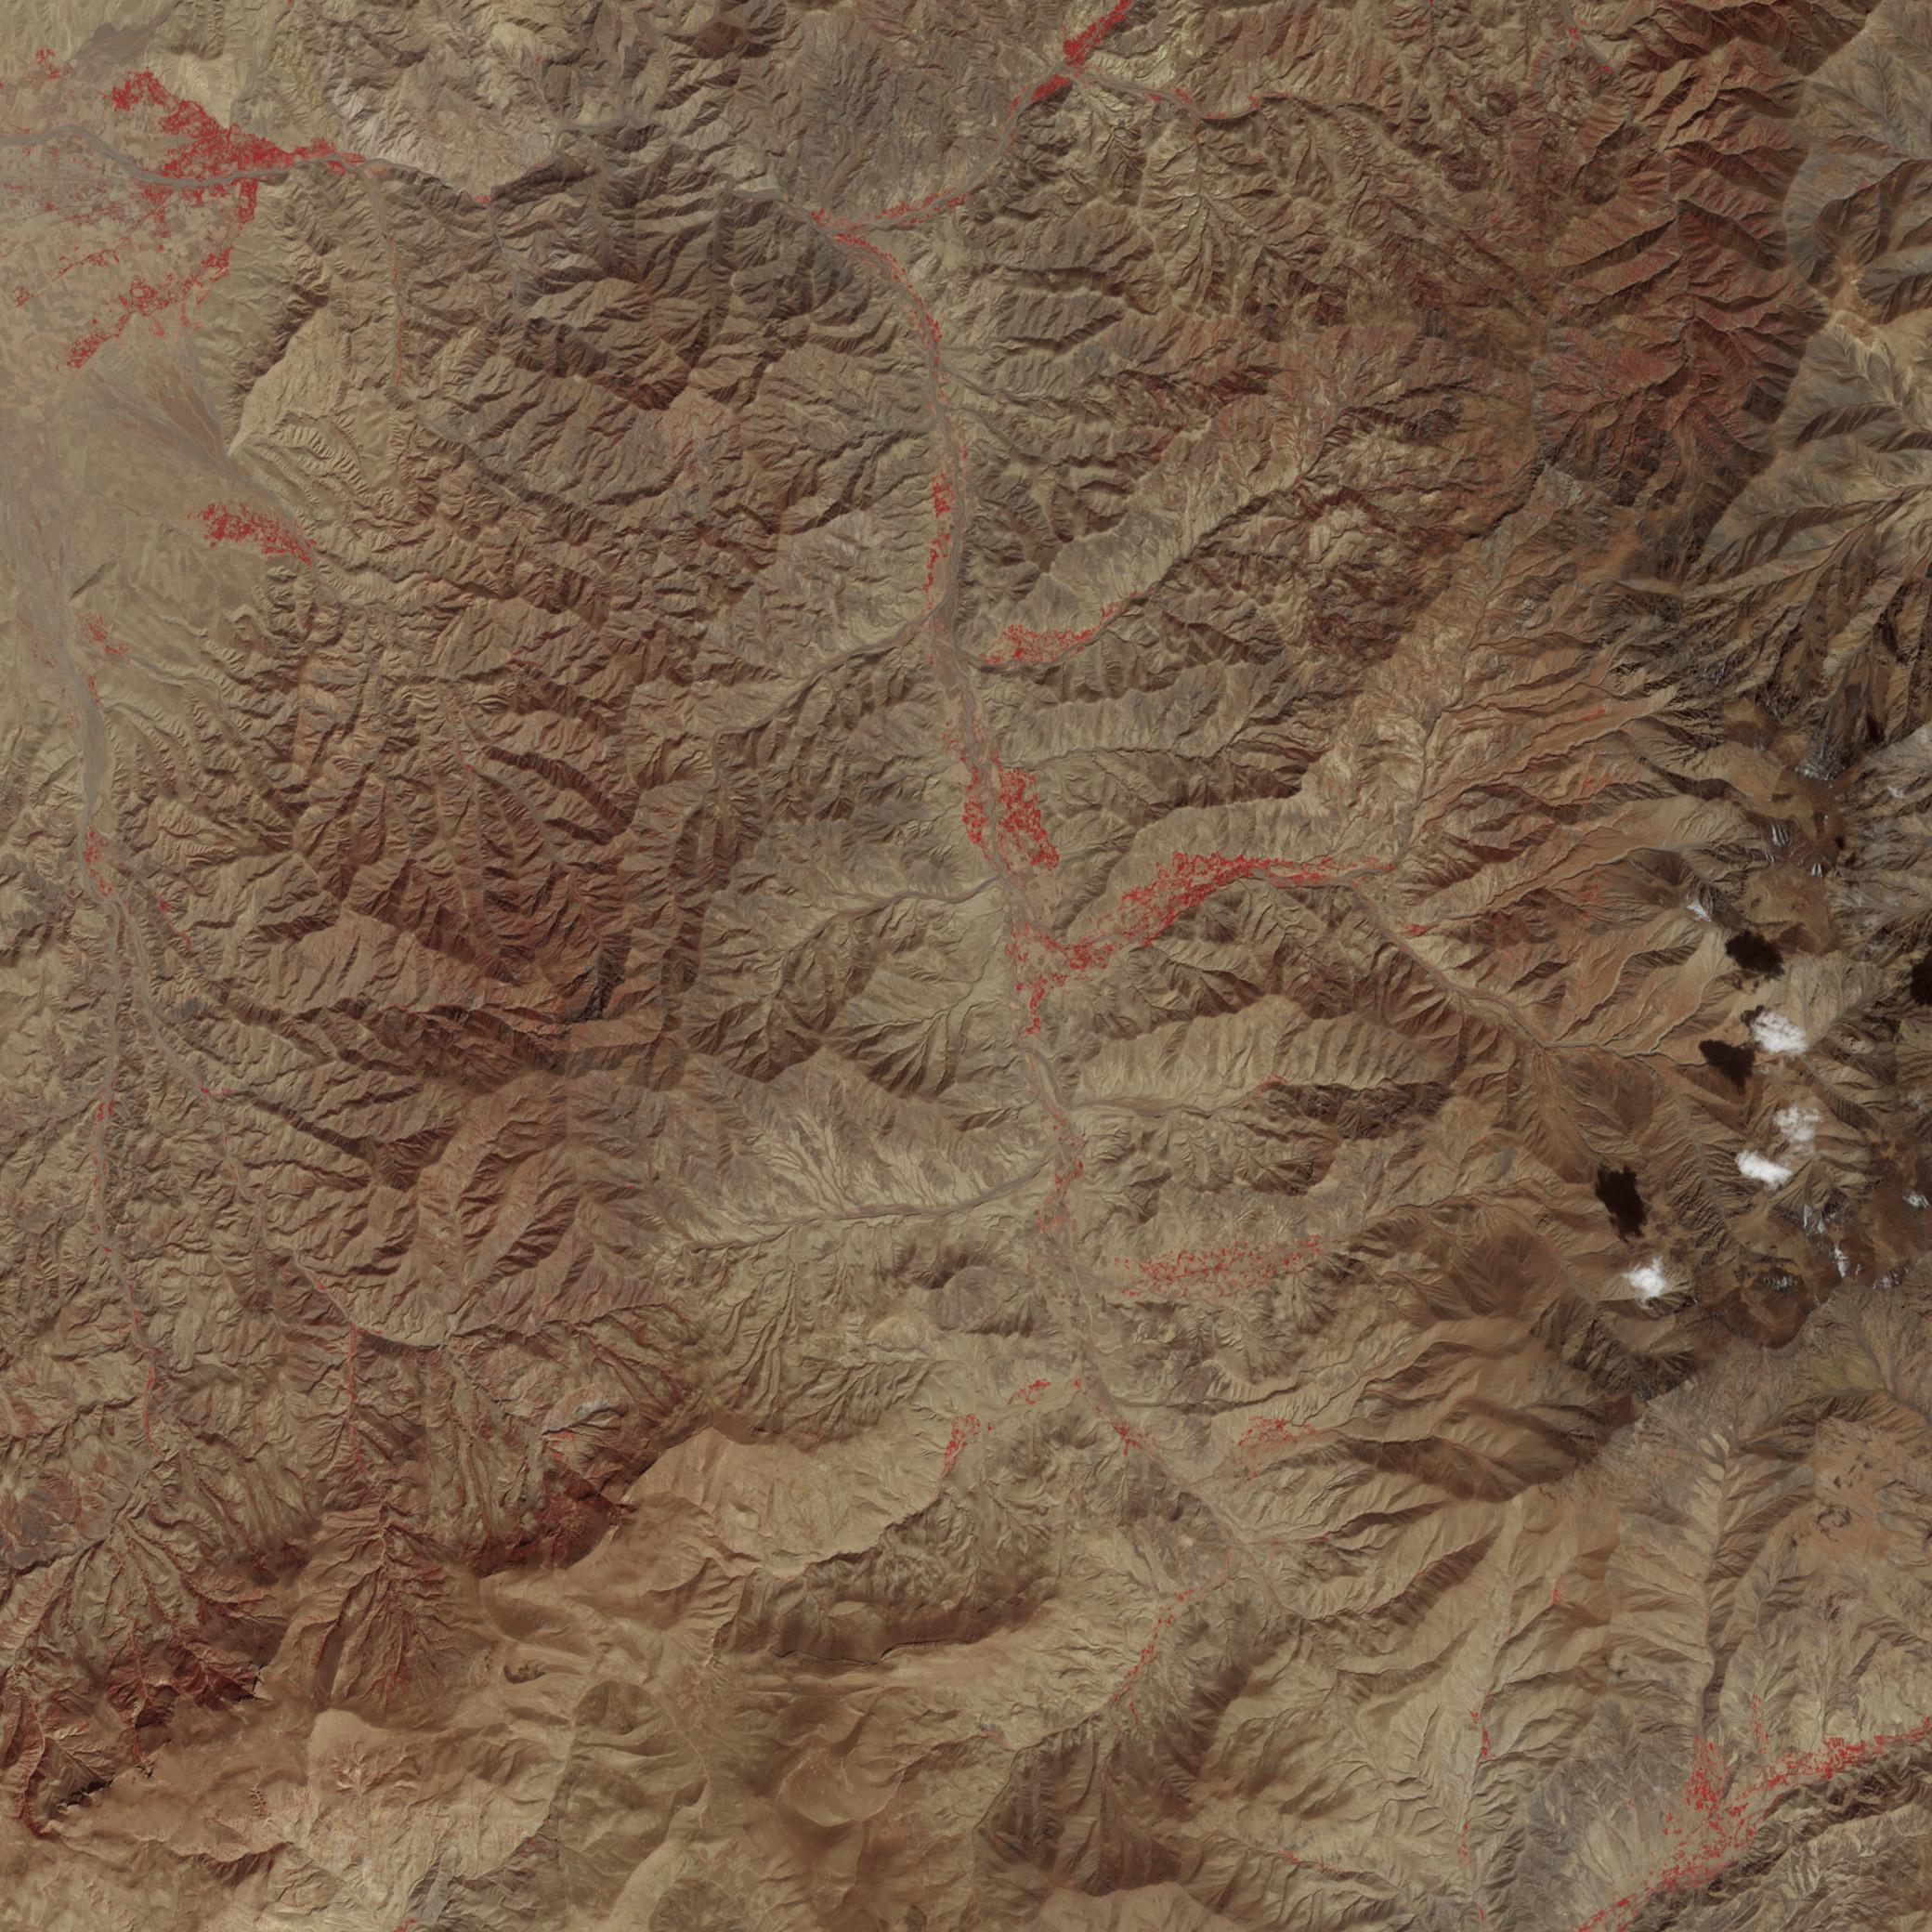 Terremoto en Hindu Kush, Afganistán 25 de marzo de 2002